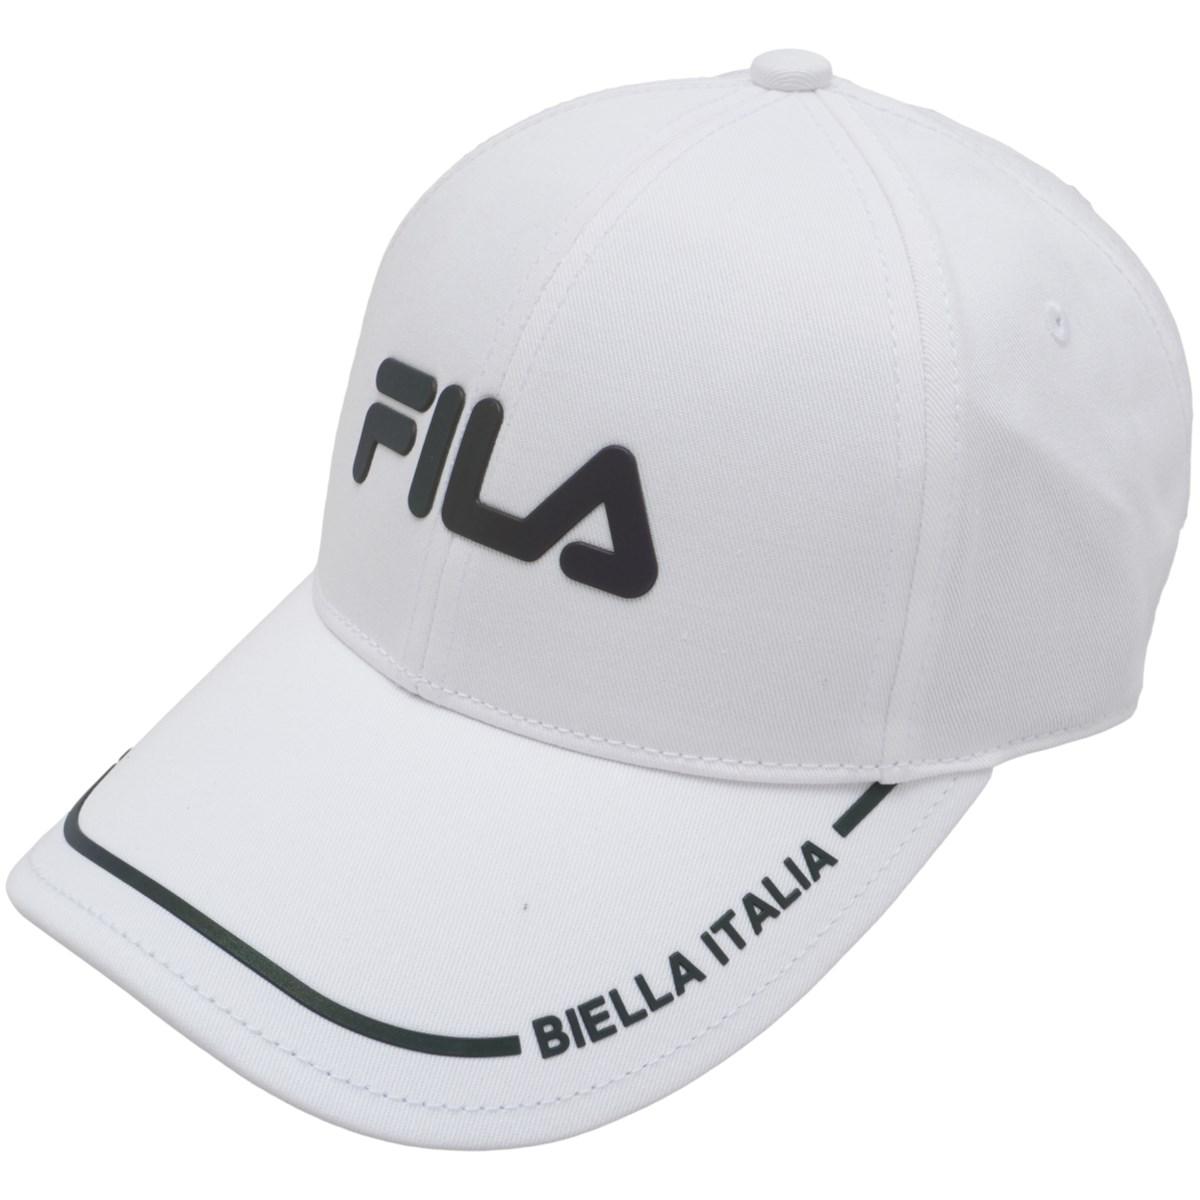 フィラ FILA キャップ フリー ホワイト レディス